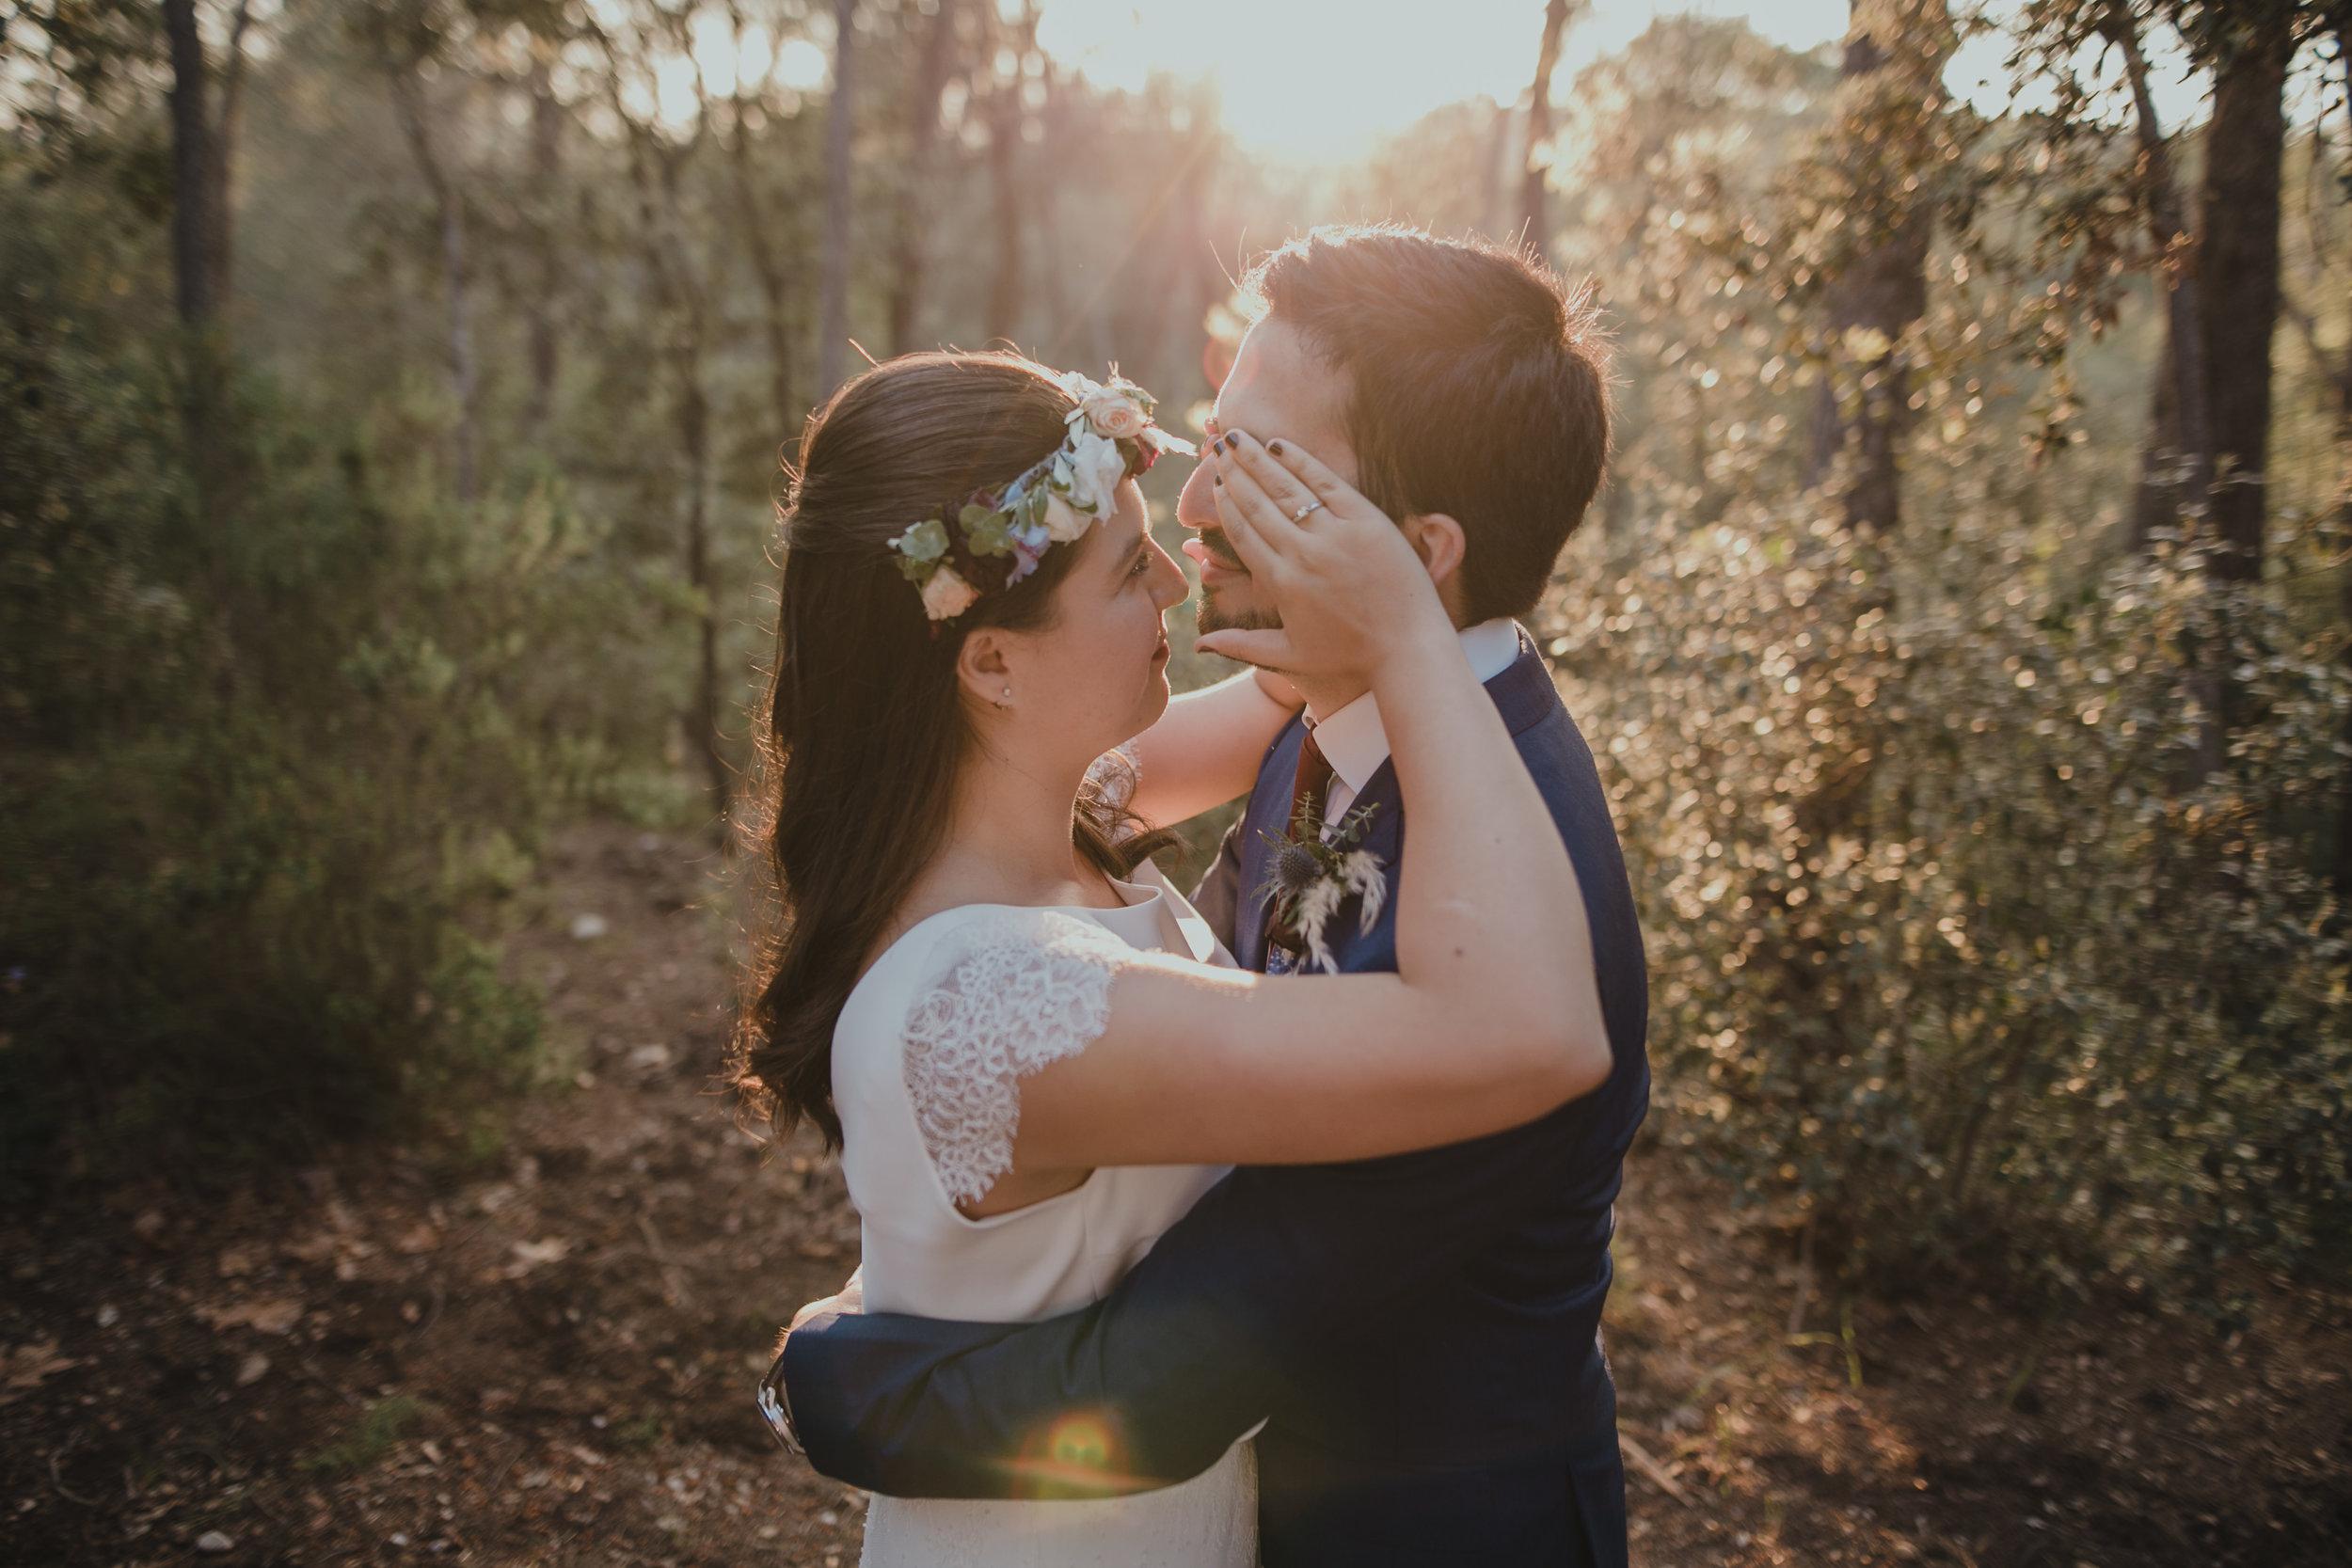 Fotografo de bodas españa serafin castillo wedding photographer spain 045.jpg